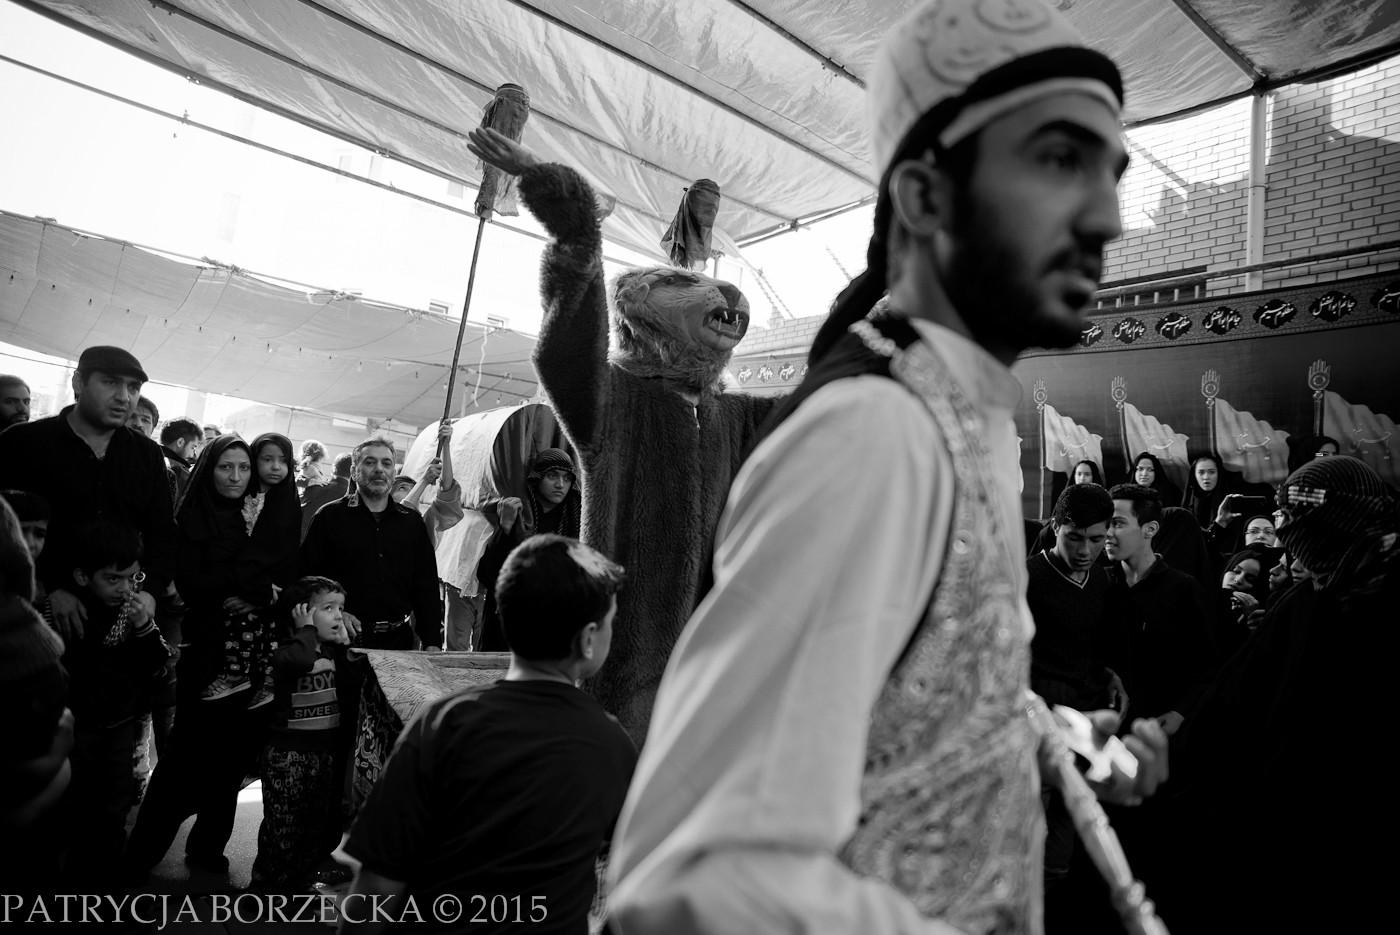 PatrycjaBorzecka-photo-Muharram20